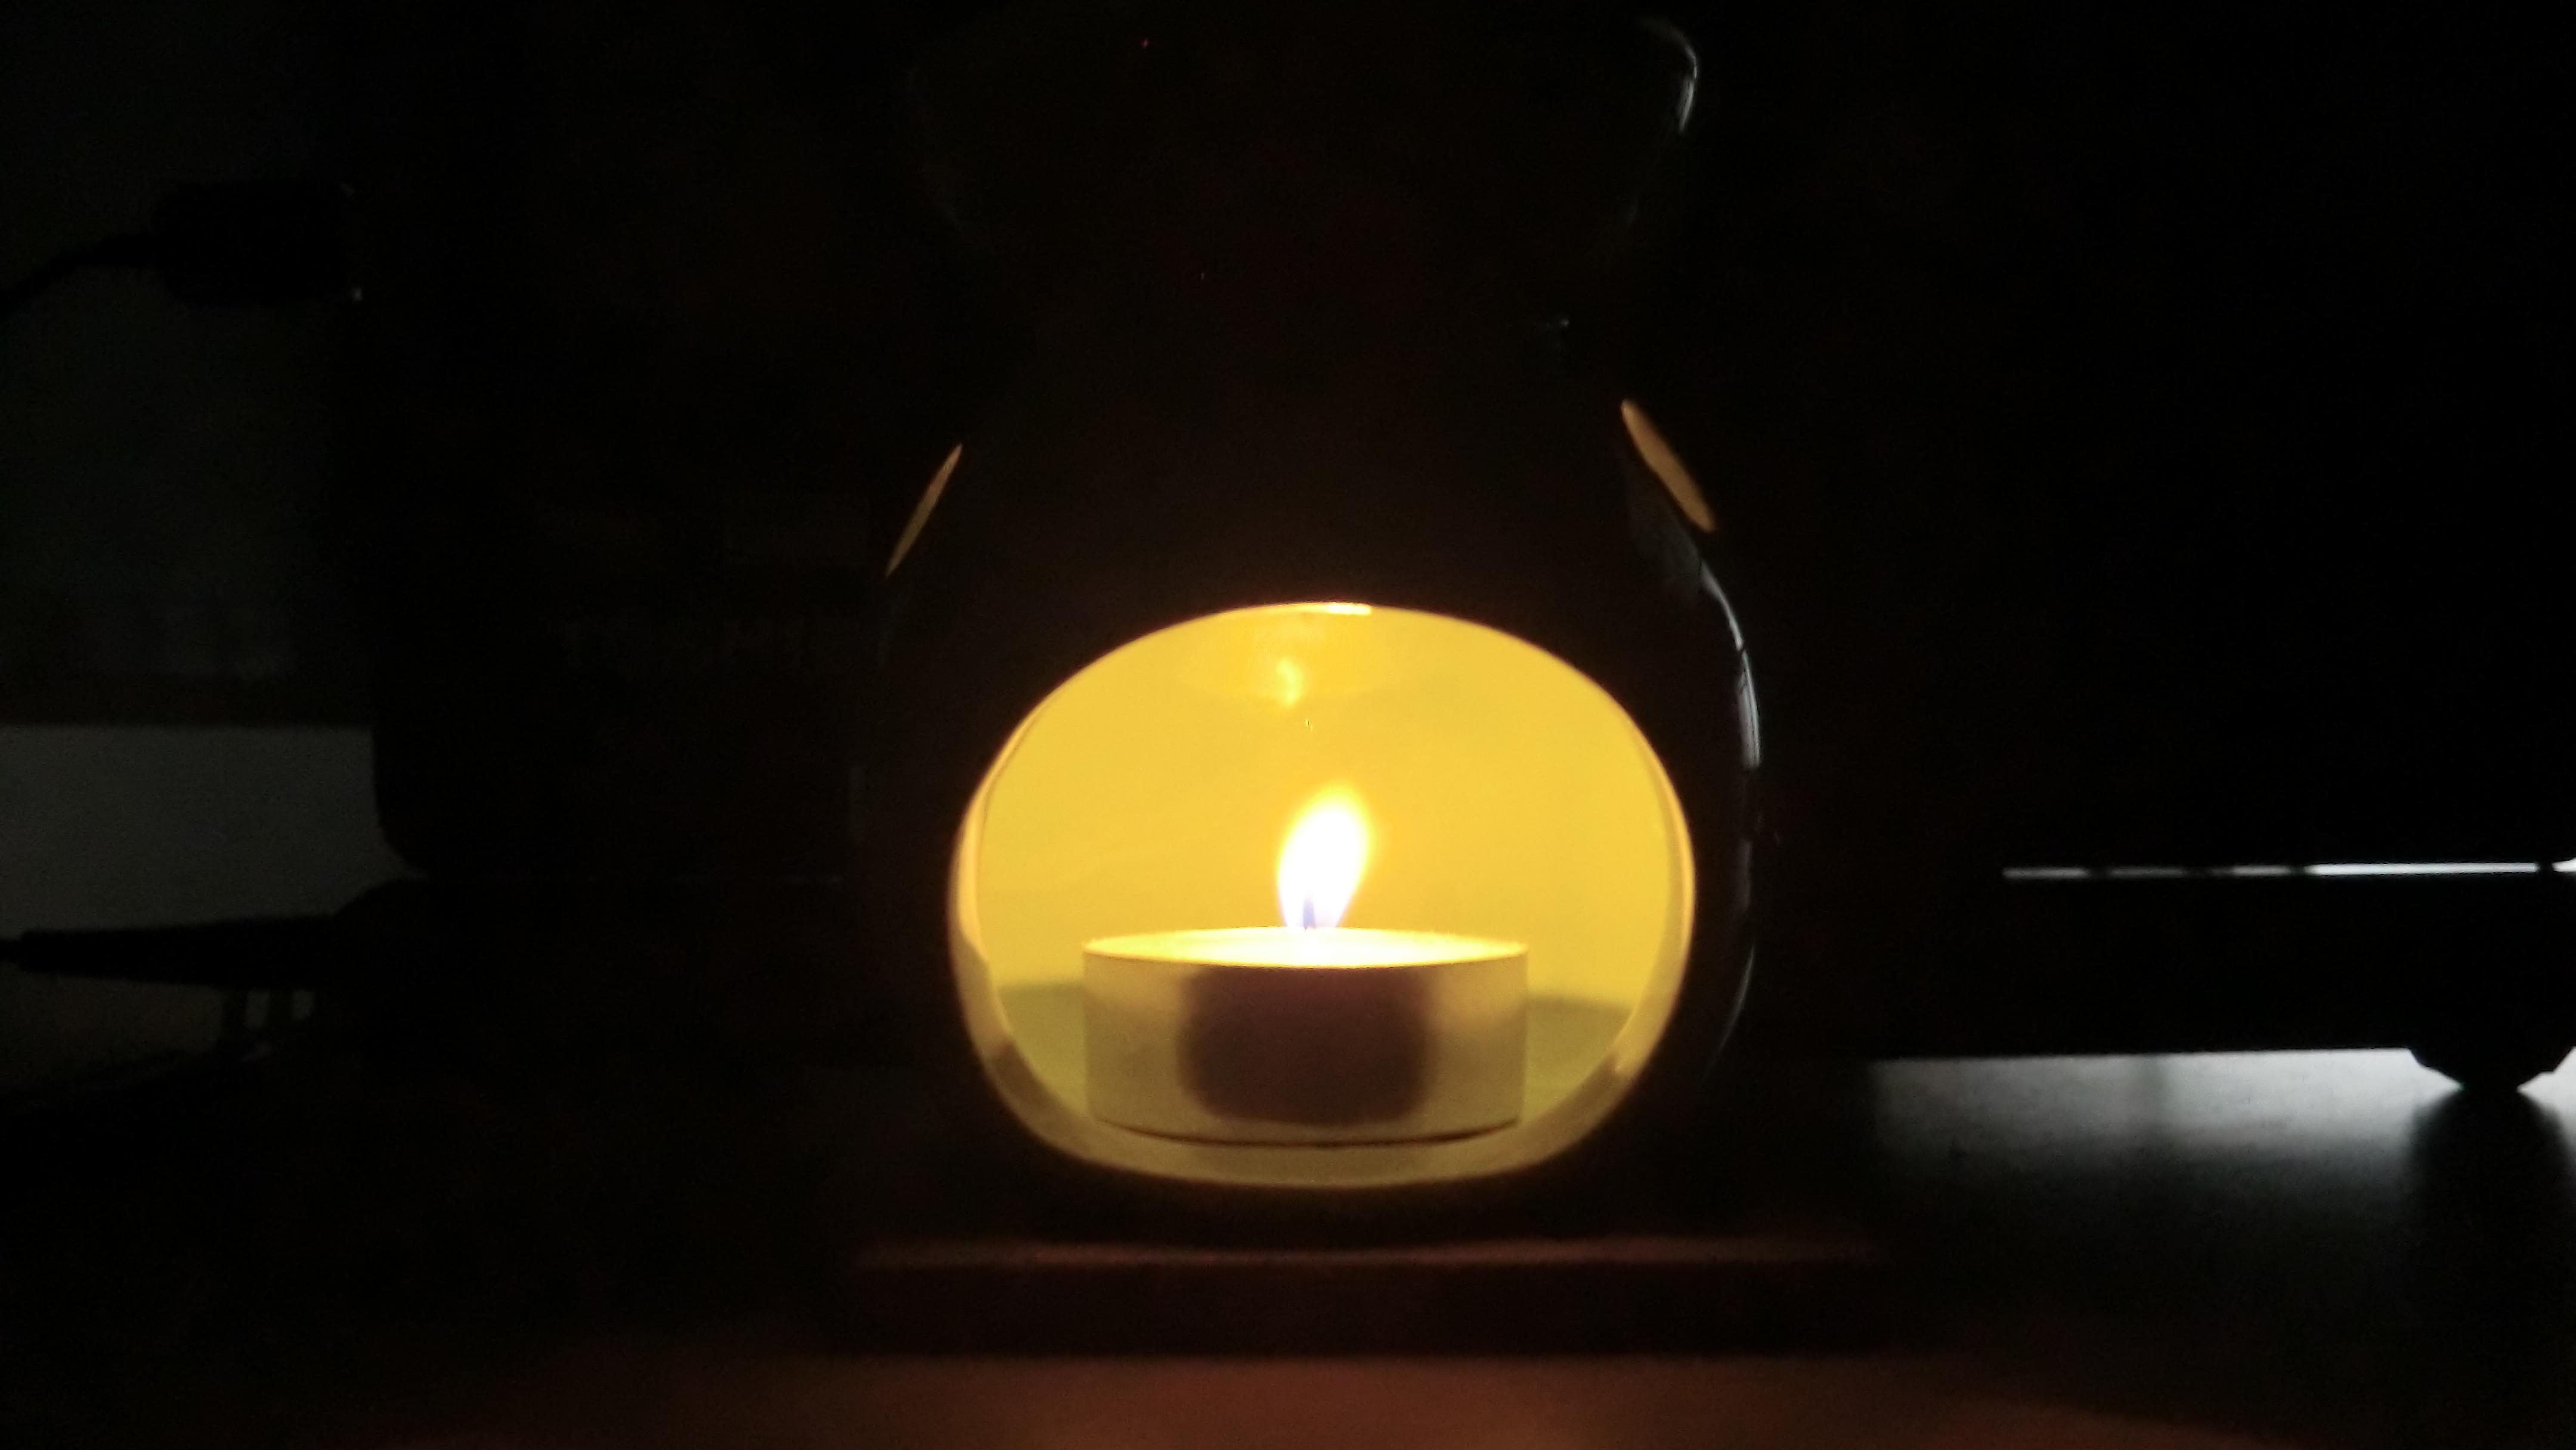 茶香炉の明かり